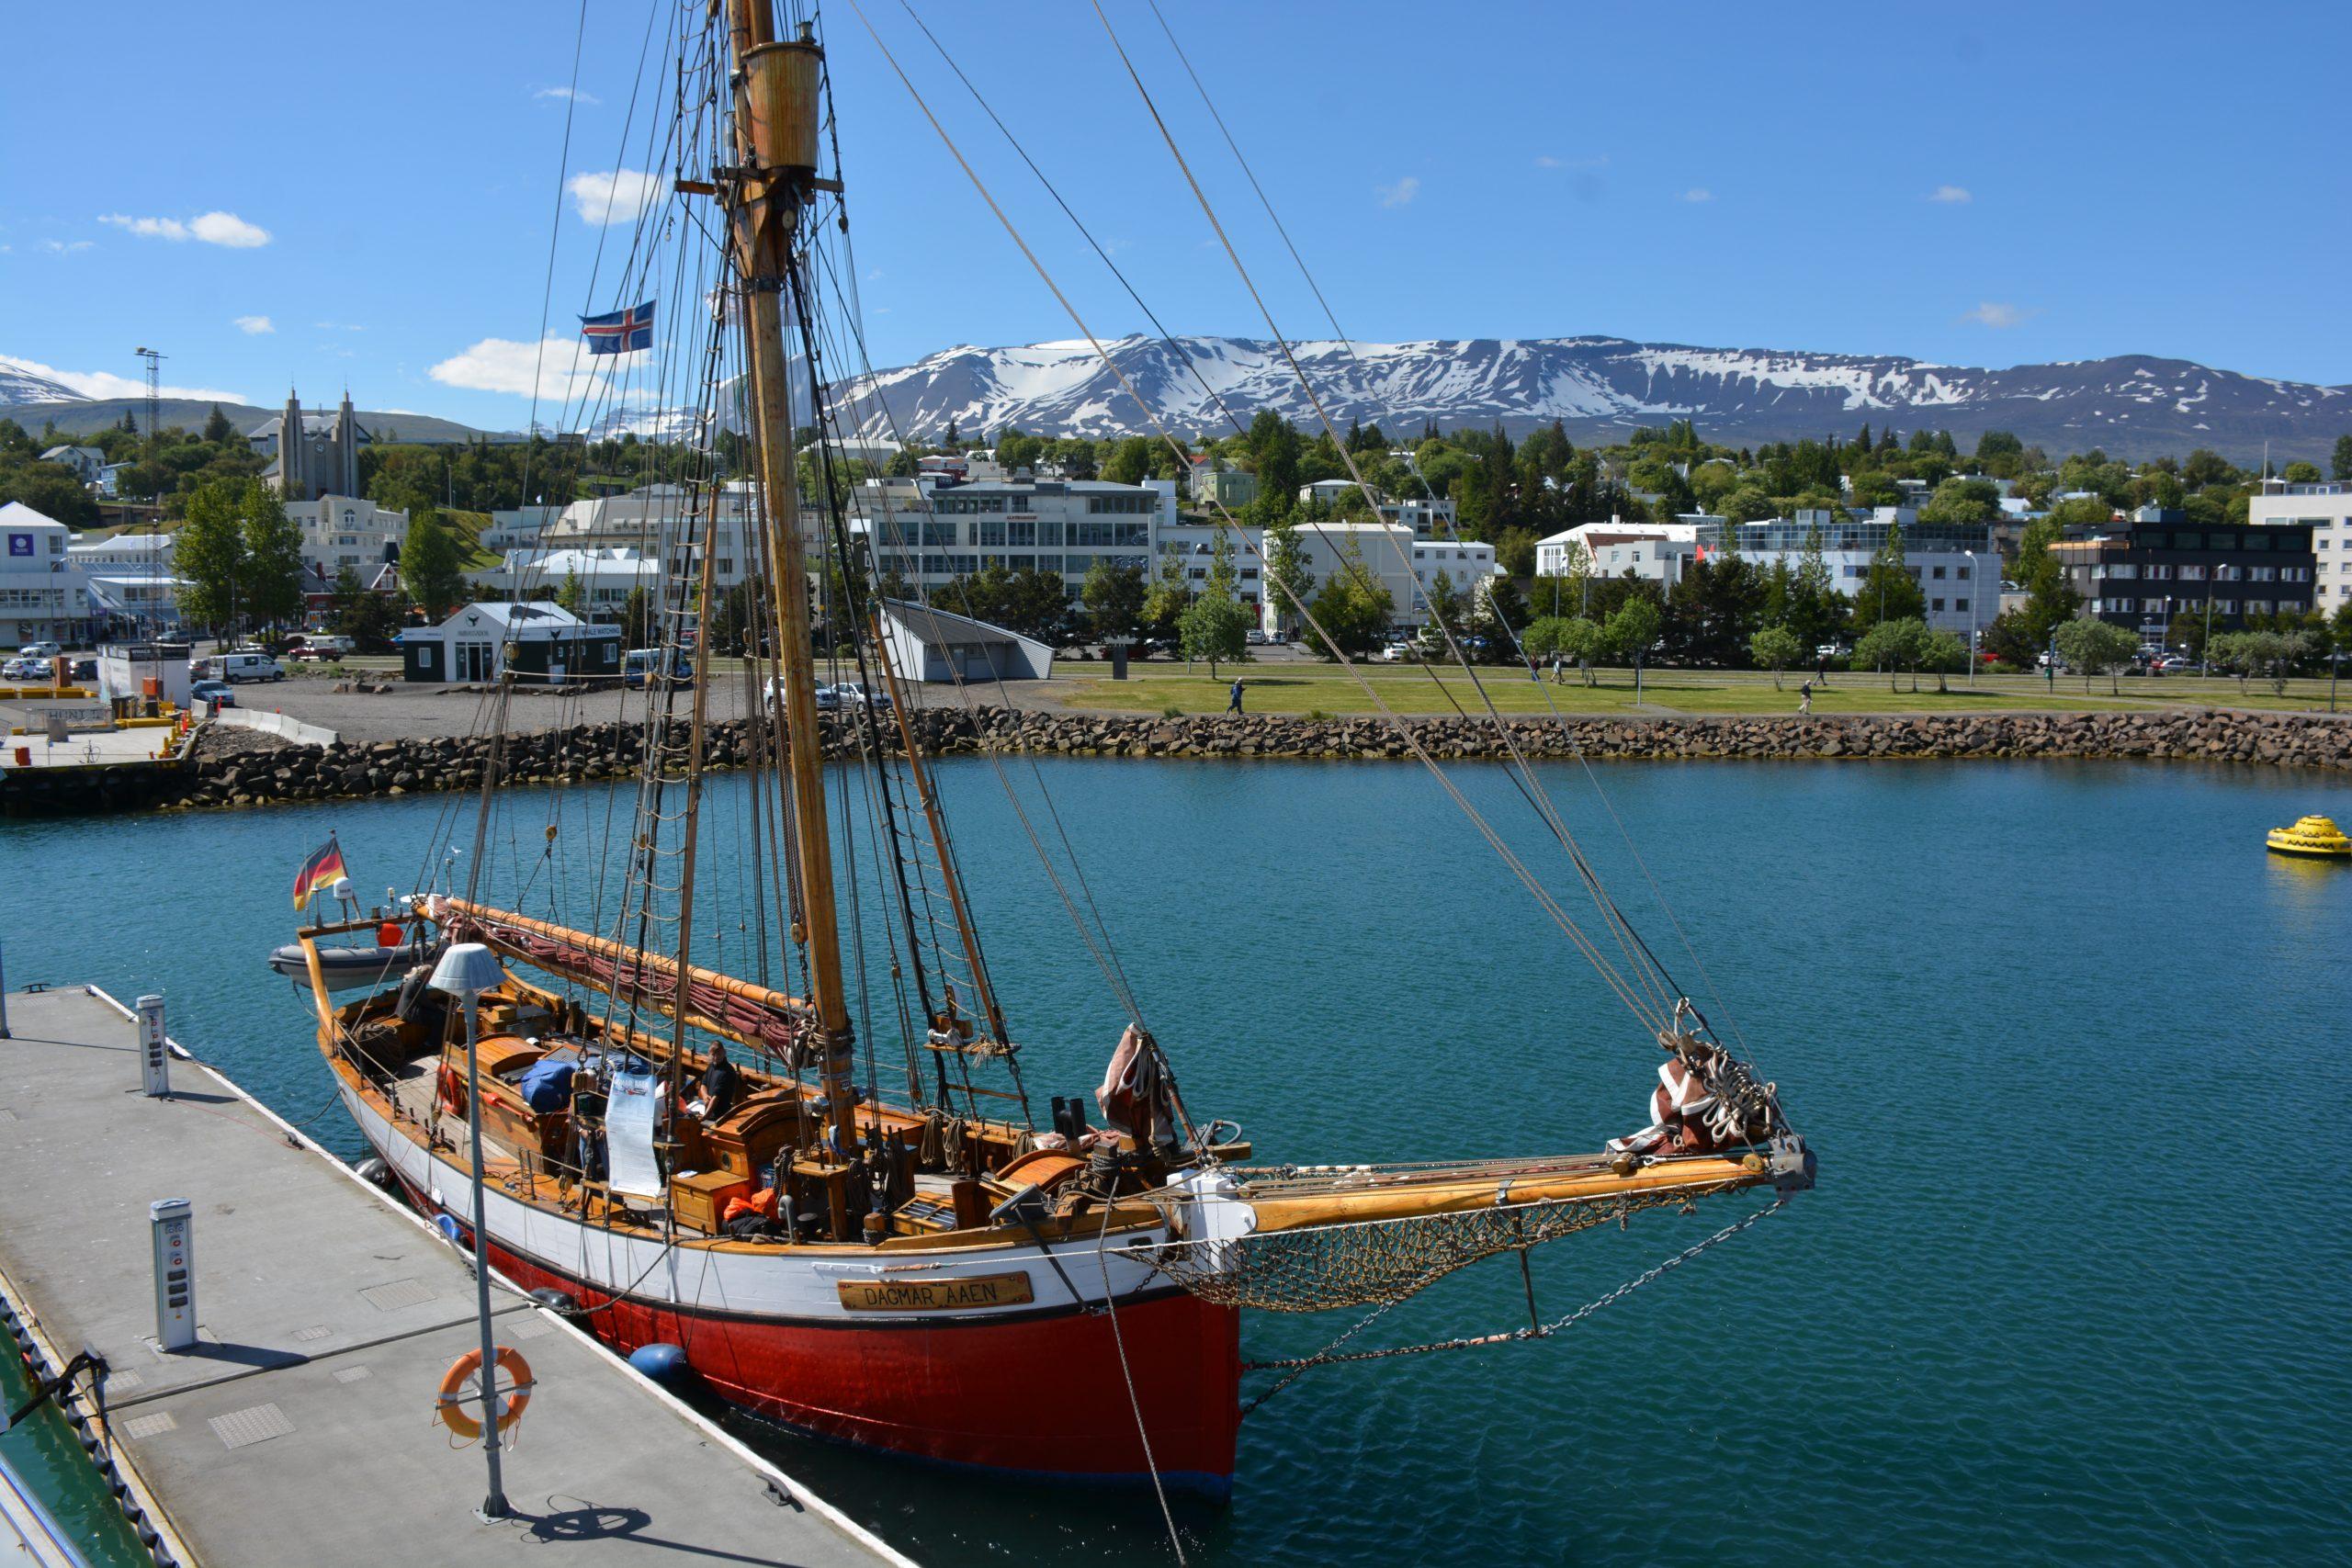 Výhľad na kostol Akureyrarkirkja z prístavu